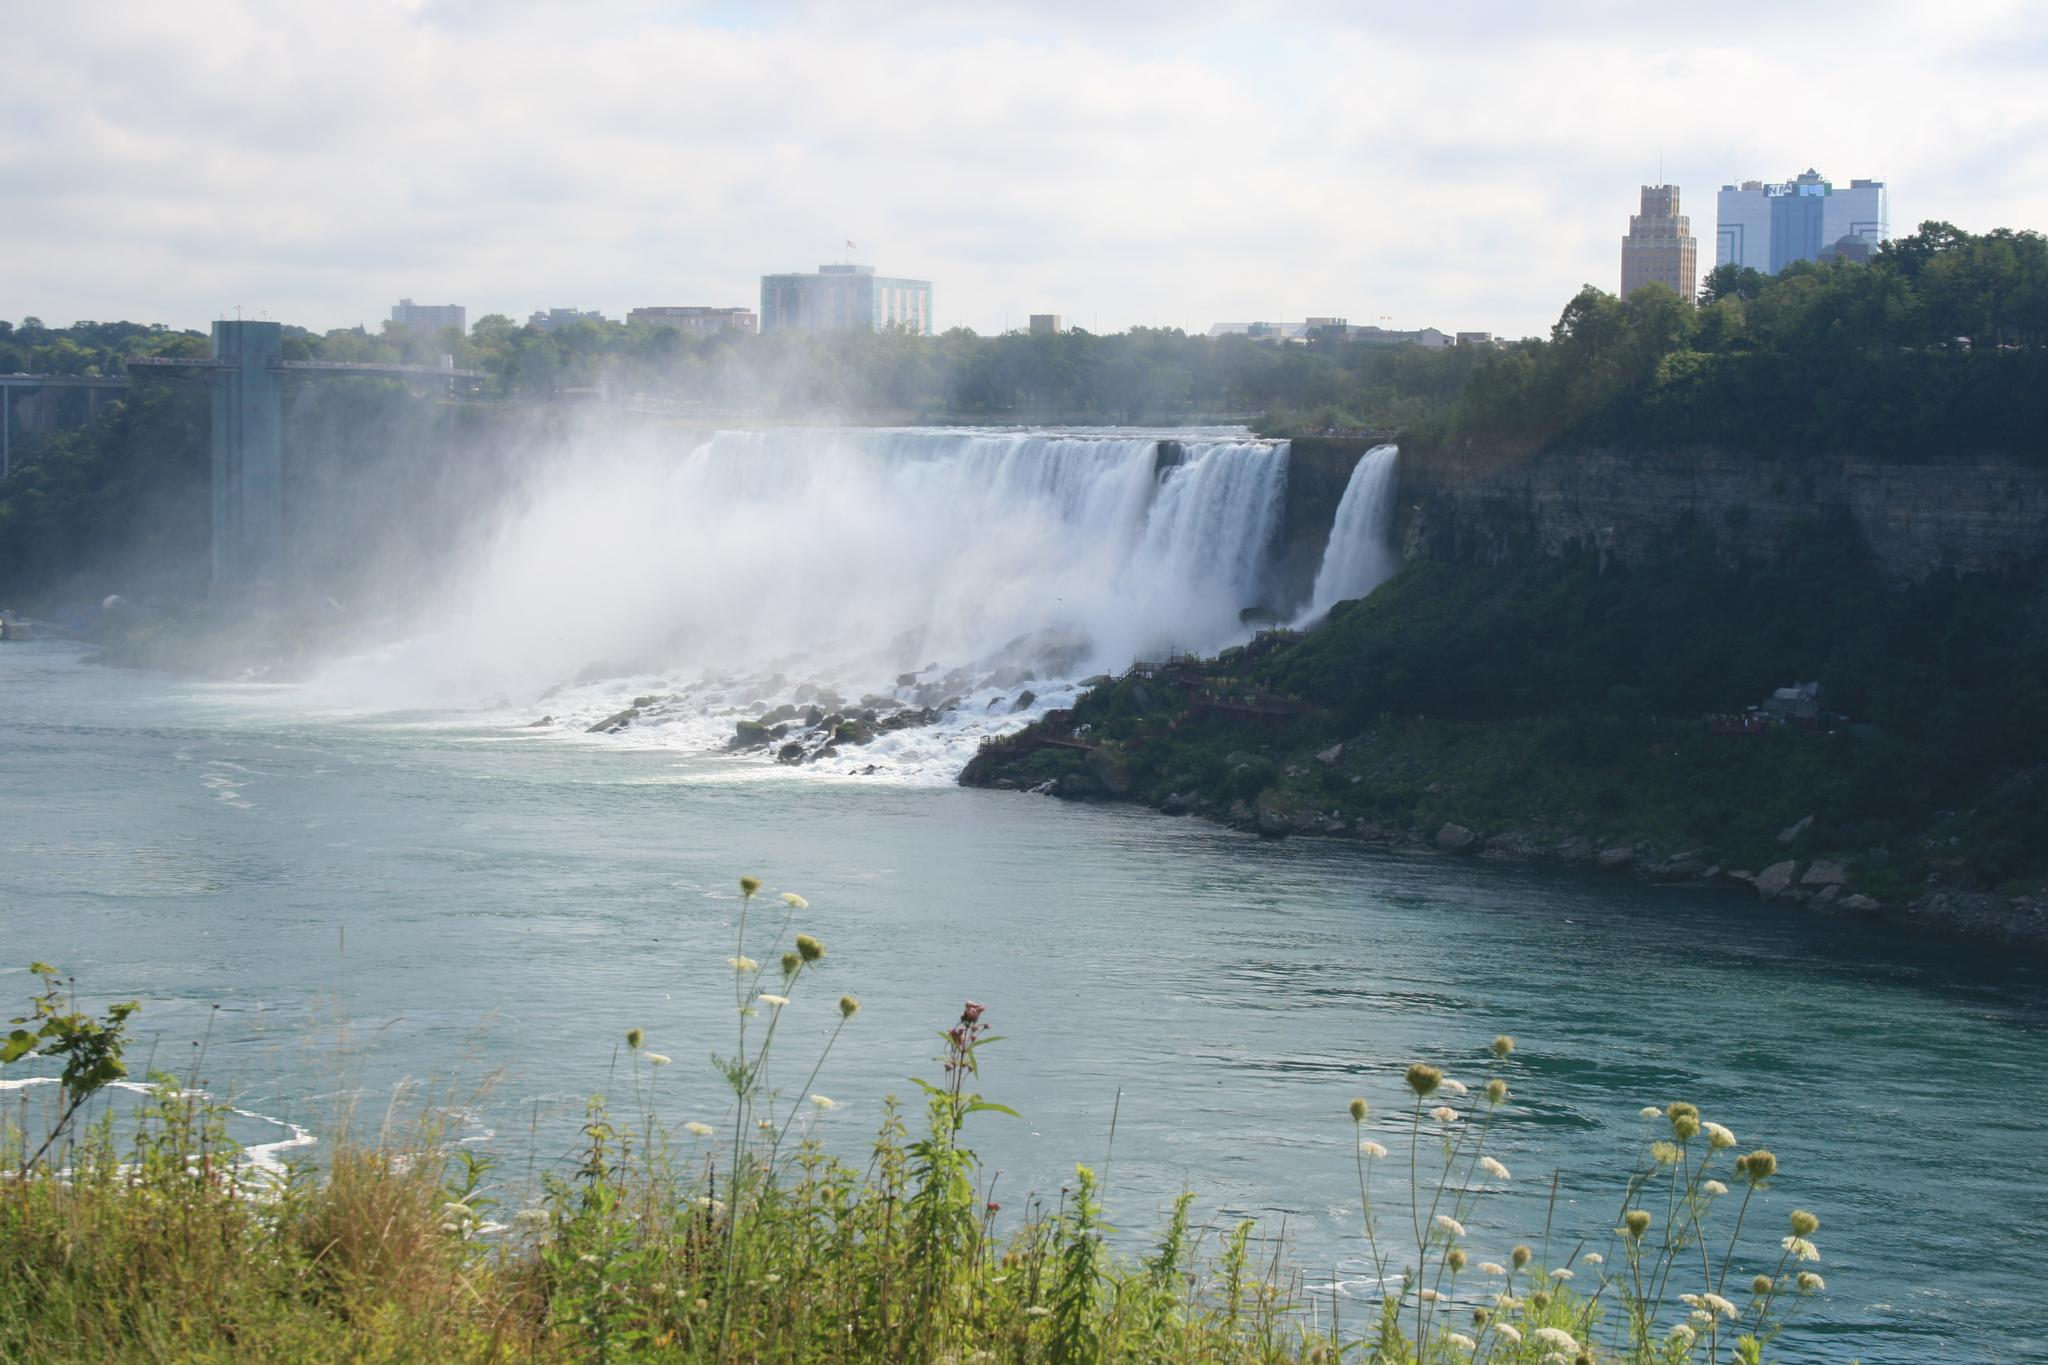 American Falls by Gayle Goedhart